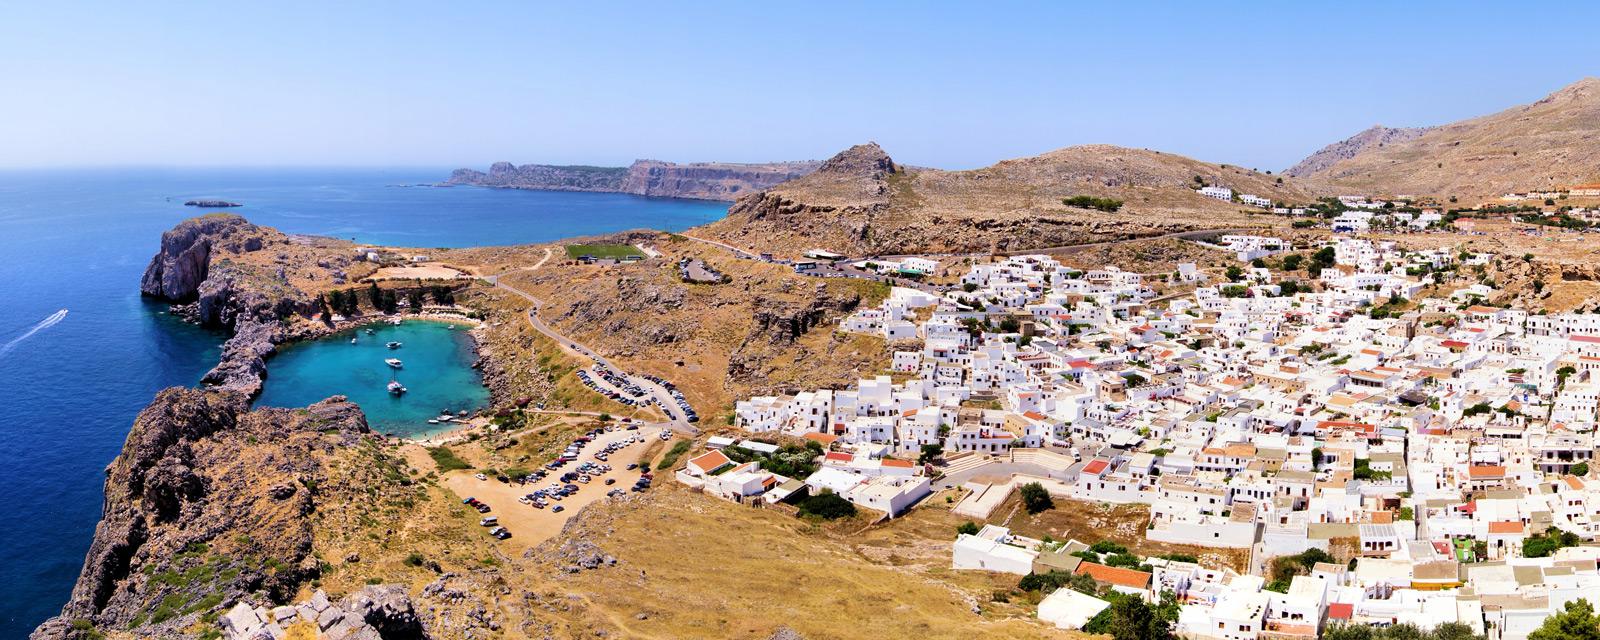 Увлекательное путешествие вокруг острова Родос (мини-группа)